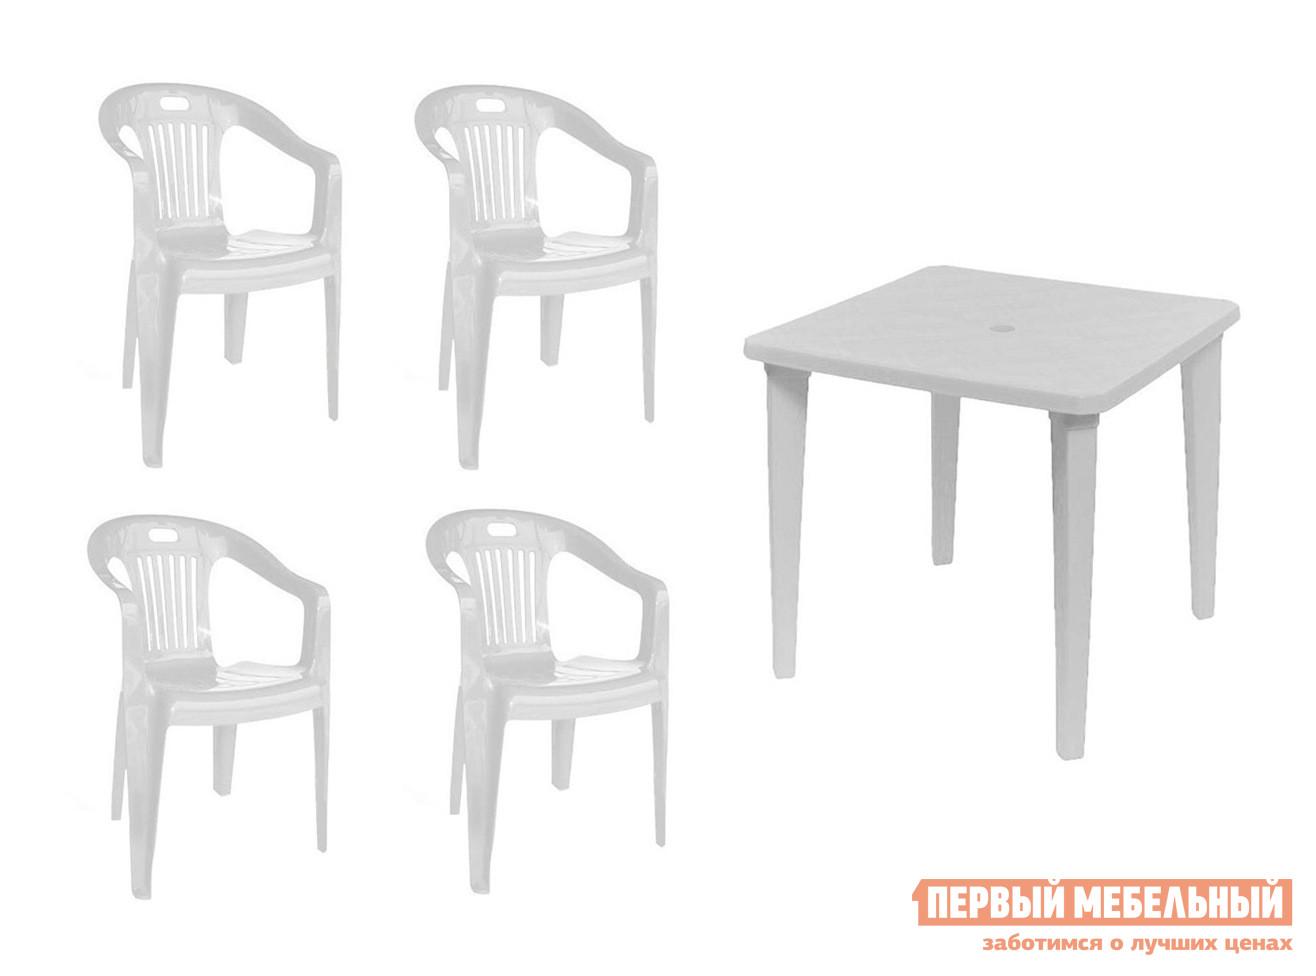 Набор пластиковой мебели Стандарт Пластик Стол квадратный (800х800х710) + Кресло №5 Комфорт-1 (540x535x780мм), 4 шт. БелыйНаборы пластиковой мебели<br>Габаритные размеры ВхШхГ xx мм. Набор пластиковой мебели для организации дачного застолья на свежем воздухе.  Также такая мебель подойдет для уличных кафе. Каждое кресло рассчитано на максимальный вес 120 кг. Размеры элементов:Стол: 710 Х 800 Х 800 мм, вес 5 кг; Кресло: 780 Х 540 Х 535 мм, вес 2. 4 кг. Кресла поставляются в собранном виде.  Стол разобран – для сборки стола необходимо вкрутить ножки в столешницу.<br><br>Цвет: Белый<br>Цвет: Белый<br>Кол-во упаковок: 5<br>Форма поставки: В собранном виде<br>Срок гарантии: 1 год